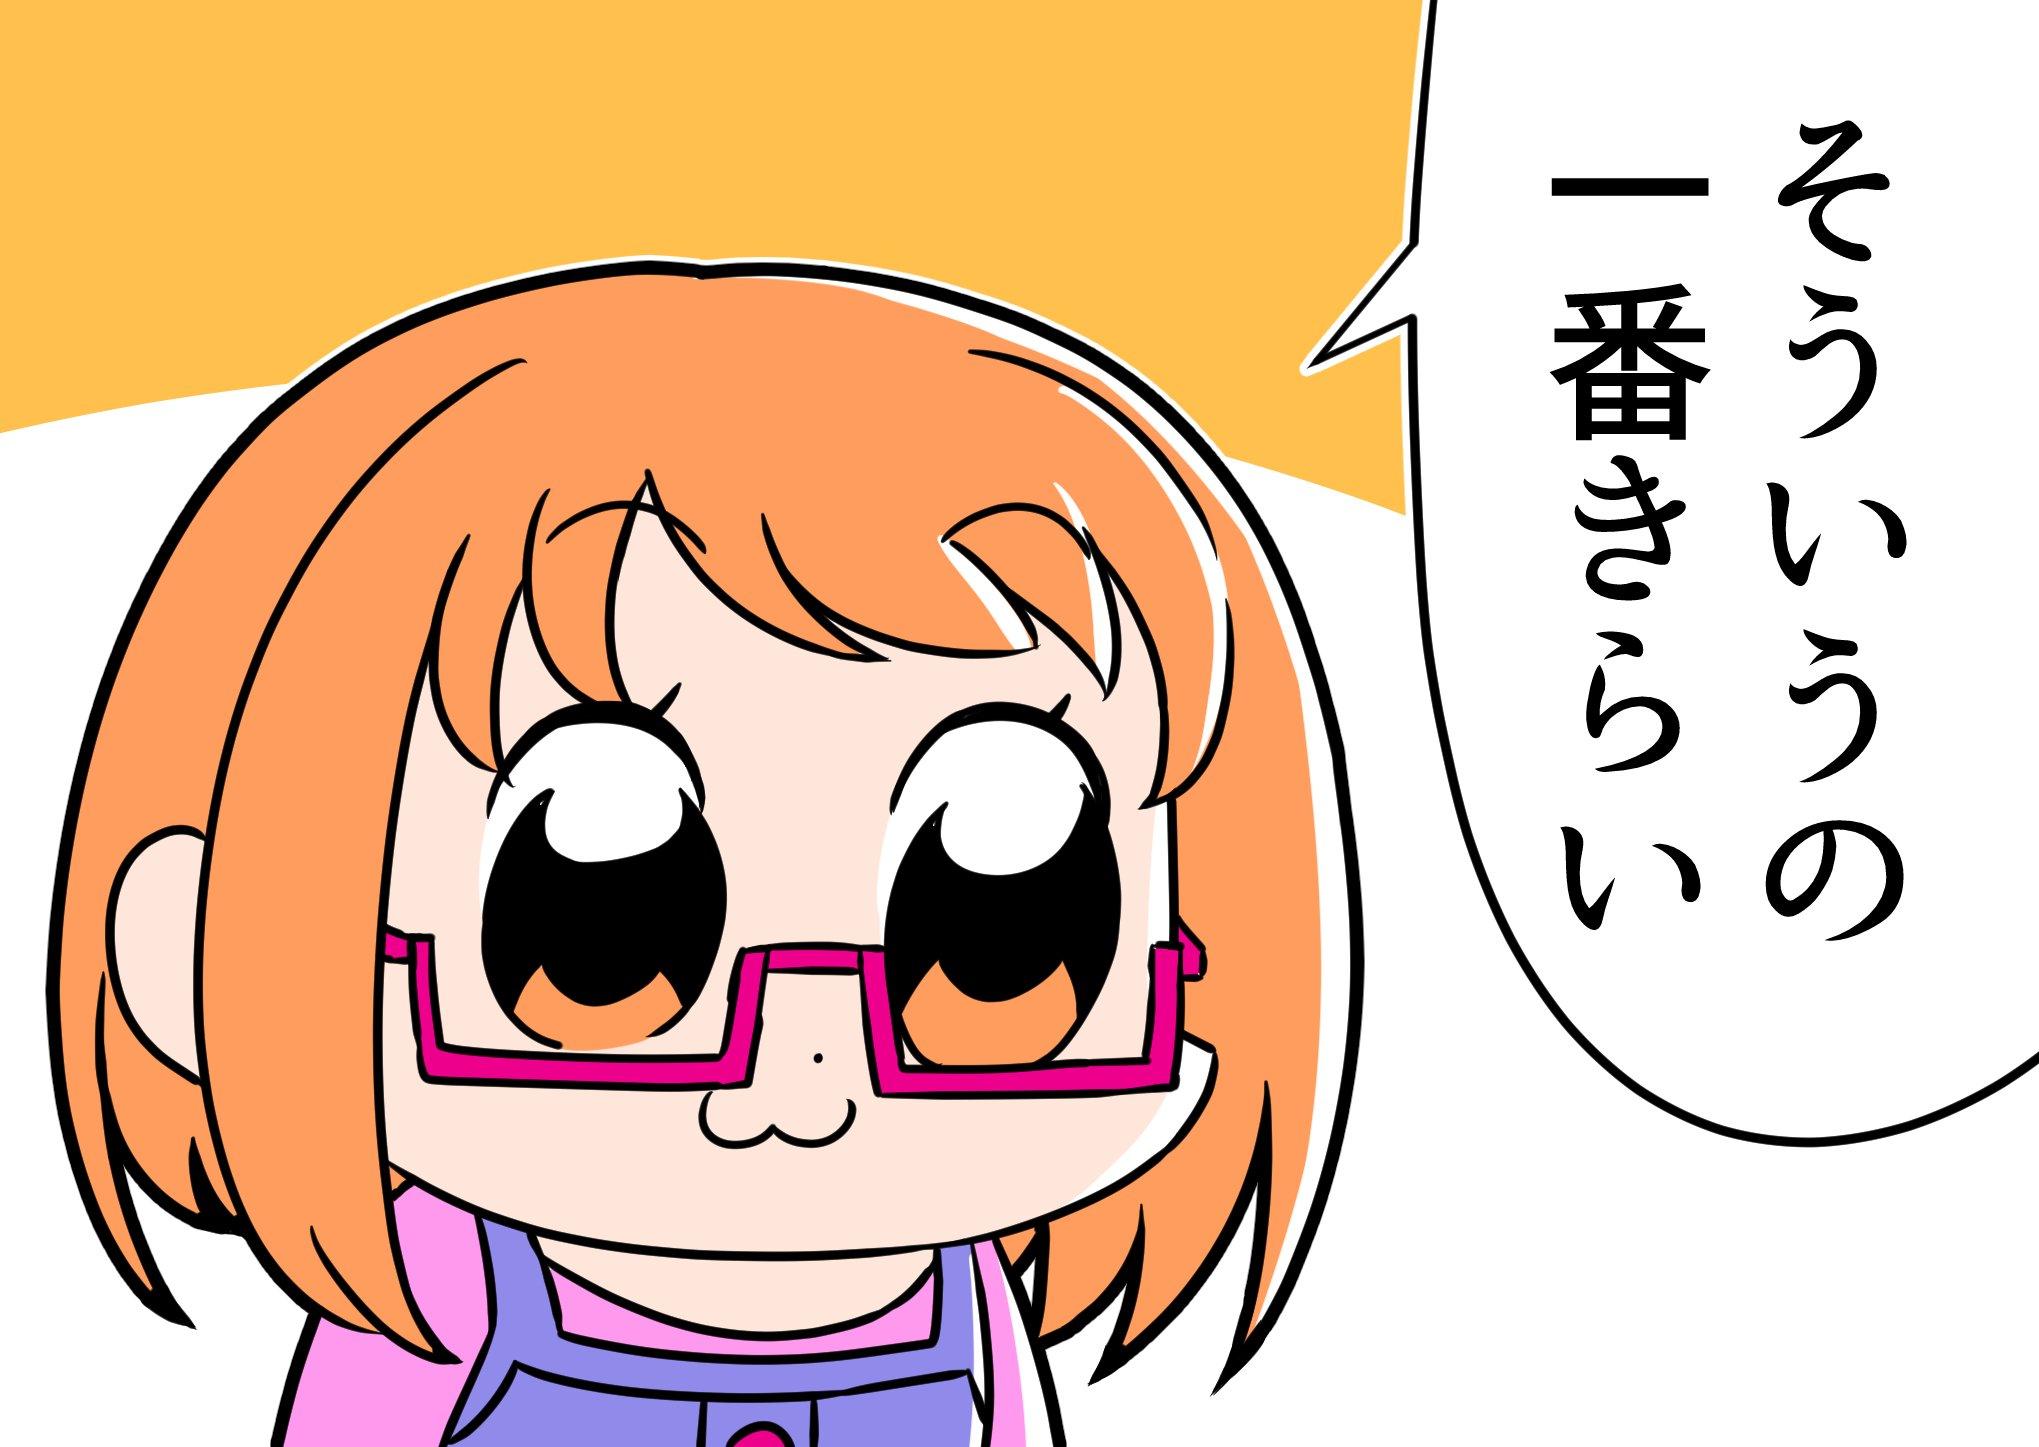 佐藤ヤス (@yasu_satohE7)さんのイラスト